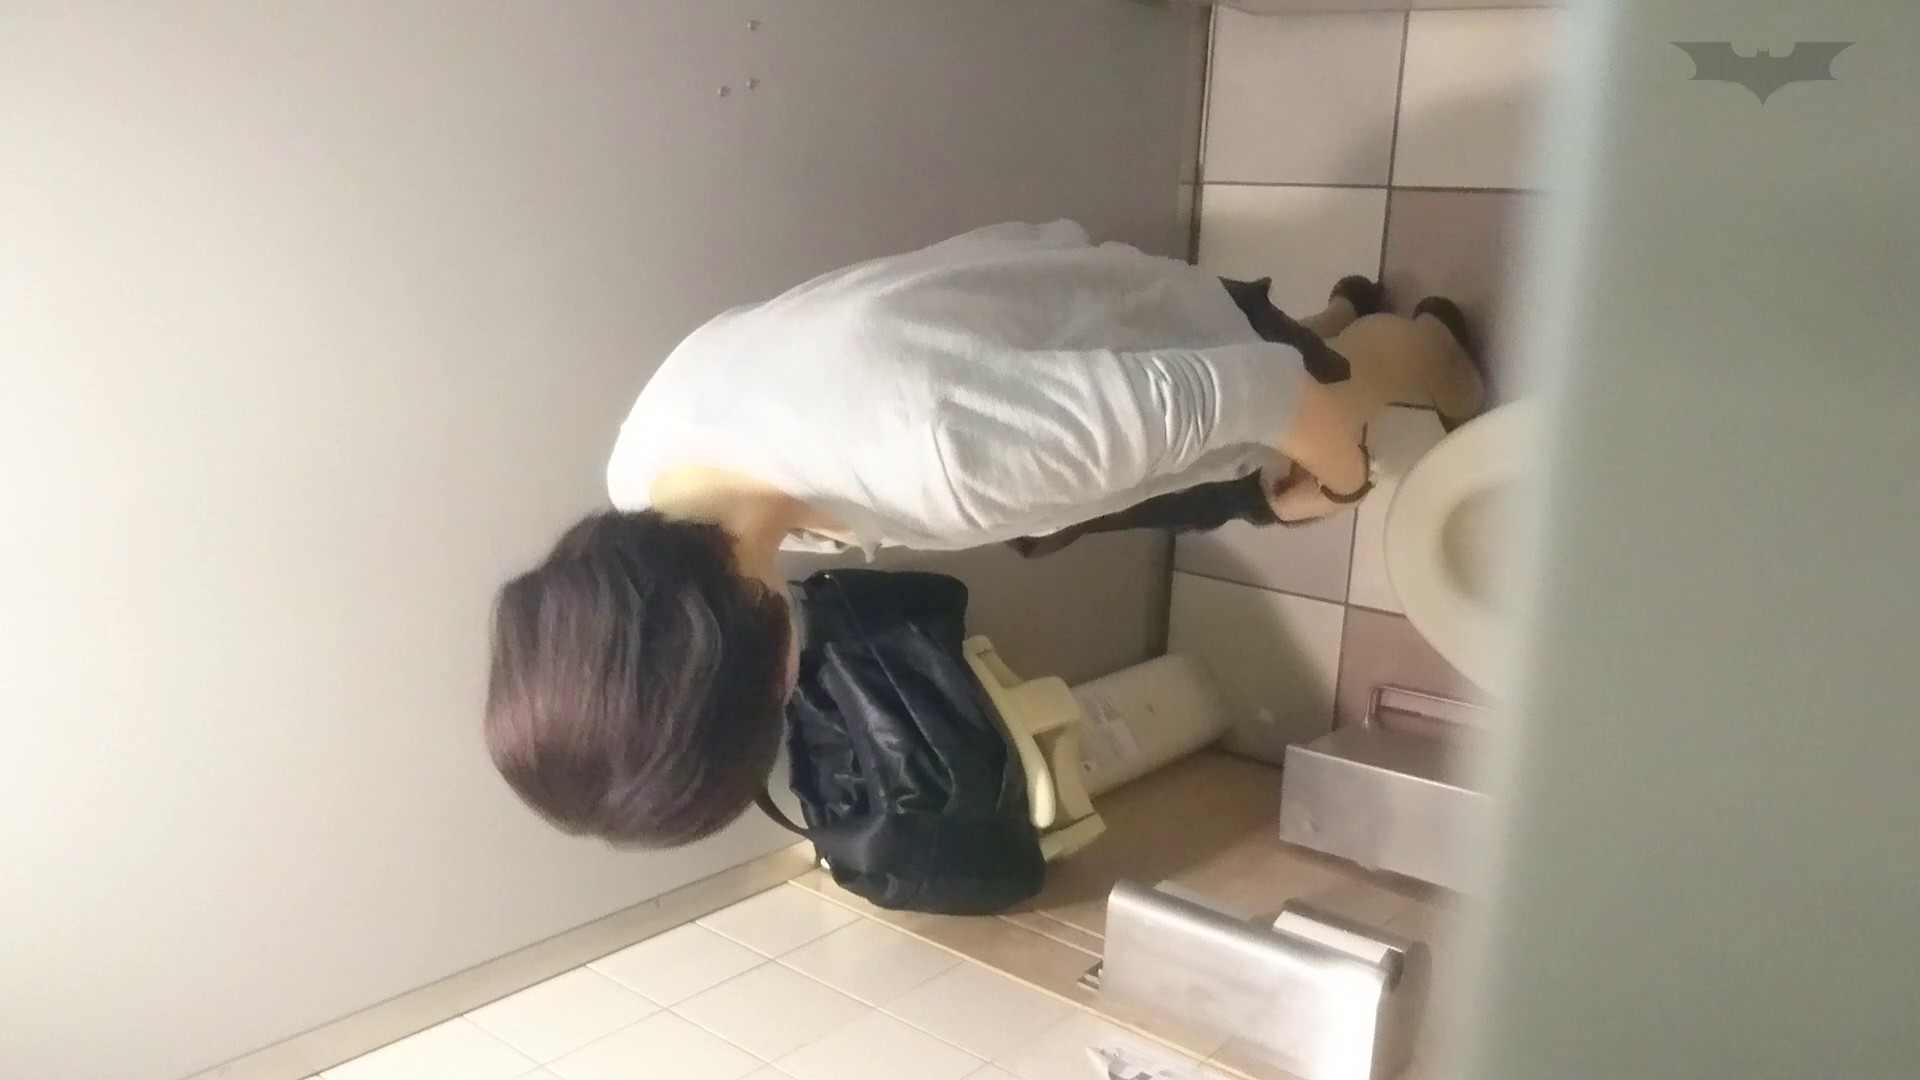 化粧室絵巻 ショッピングモール編 VOL.26 エッチすぎるOL達  39連発 22